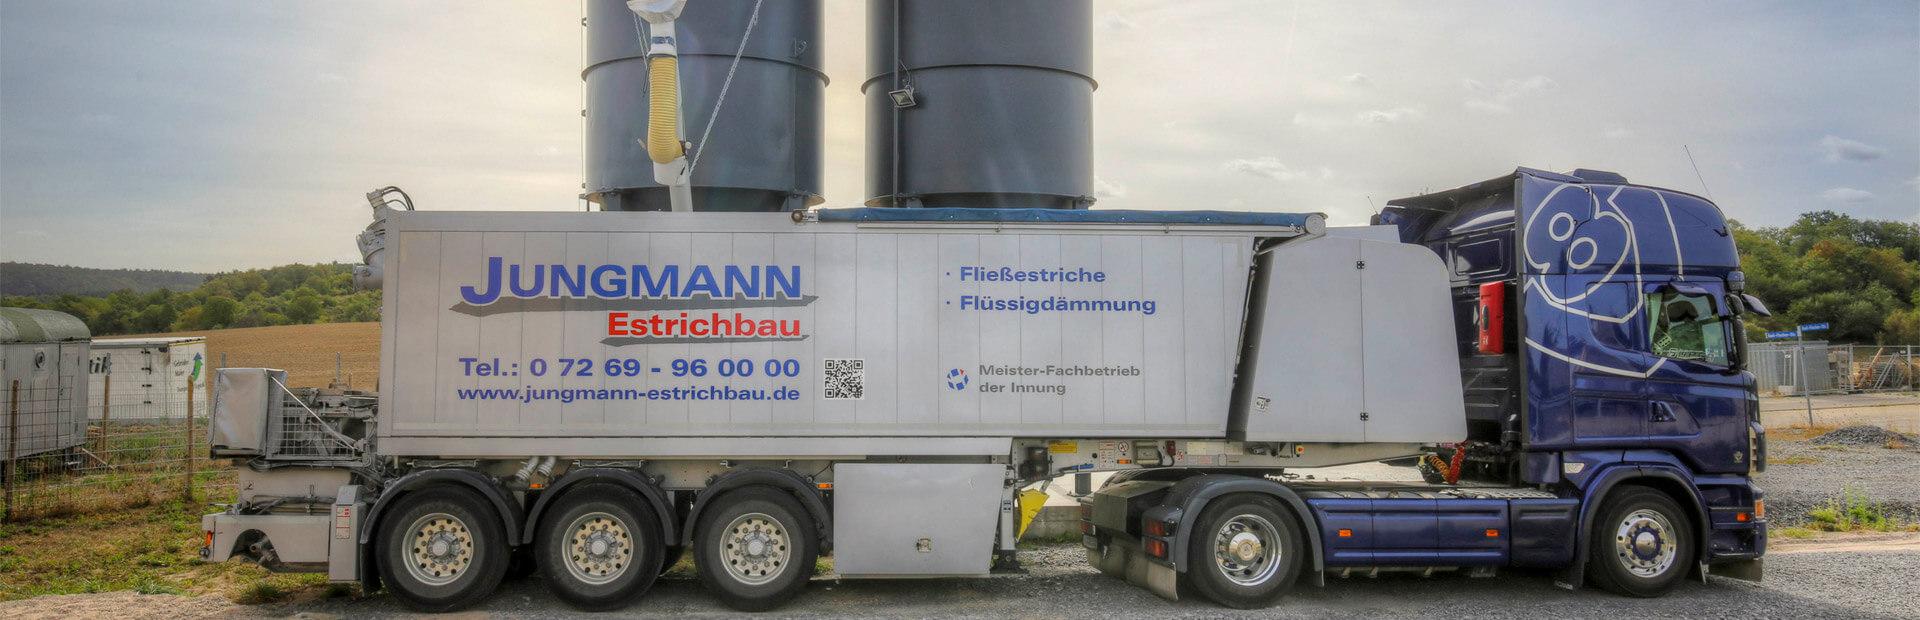 Jungmann Estrichbau